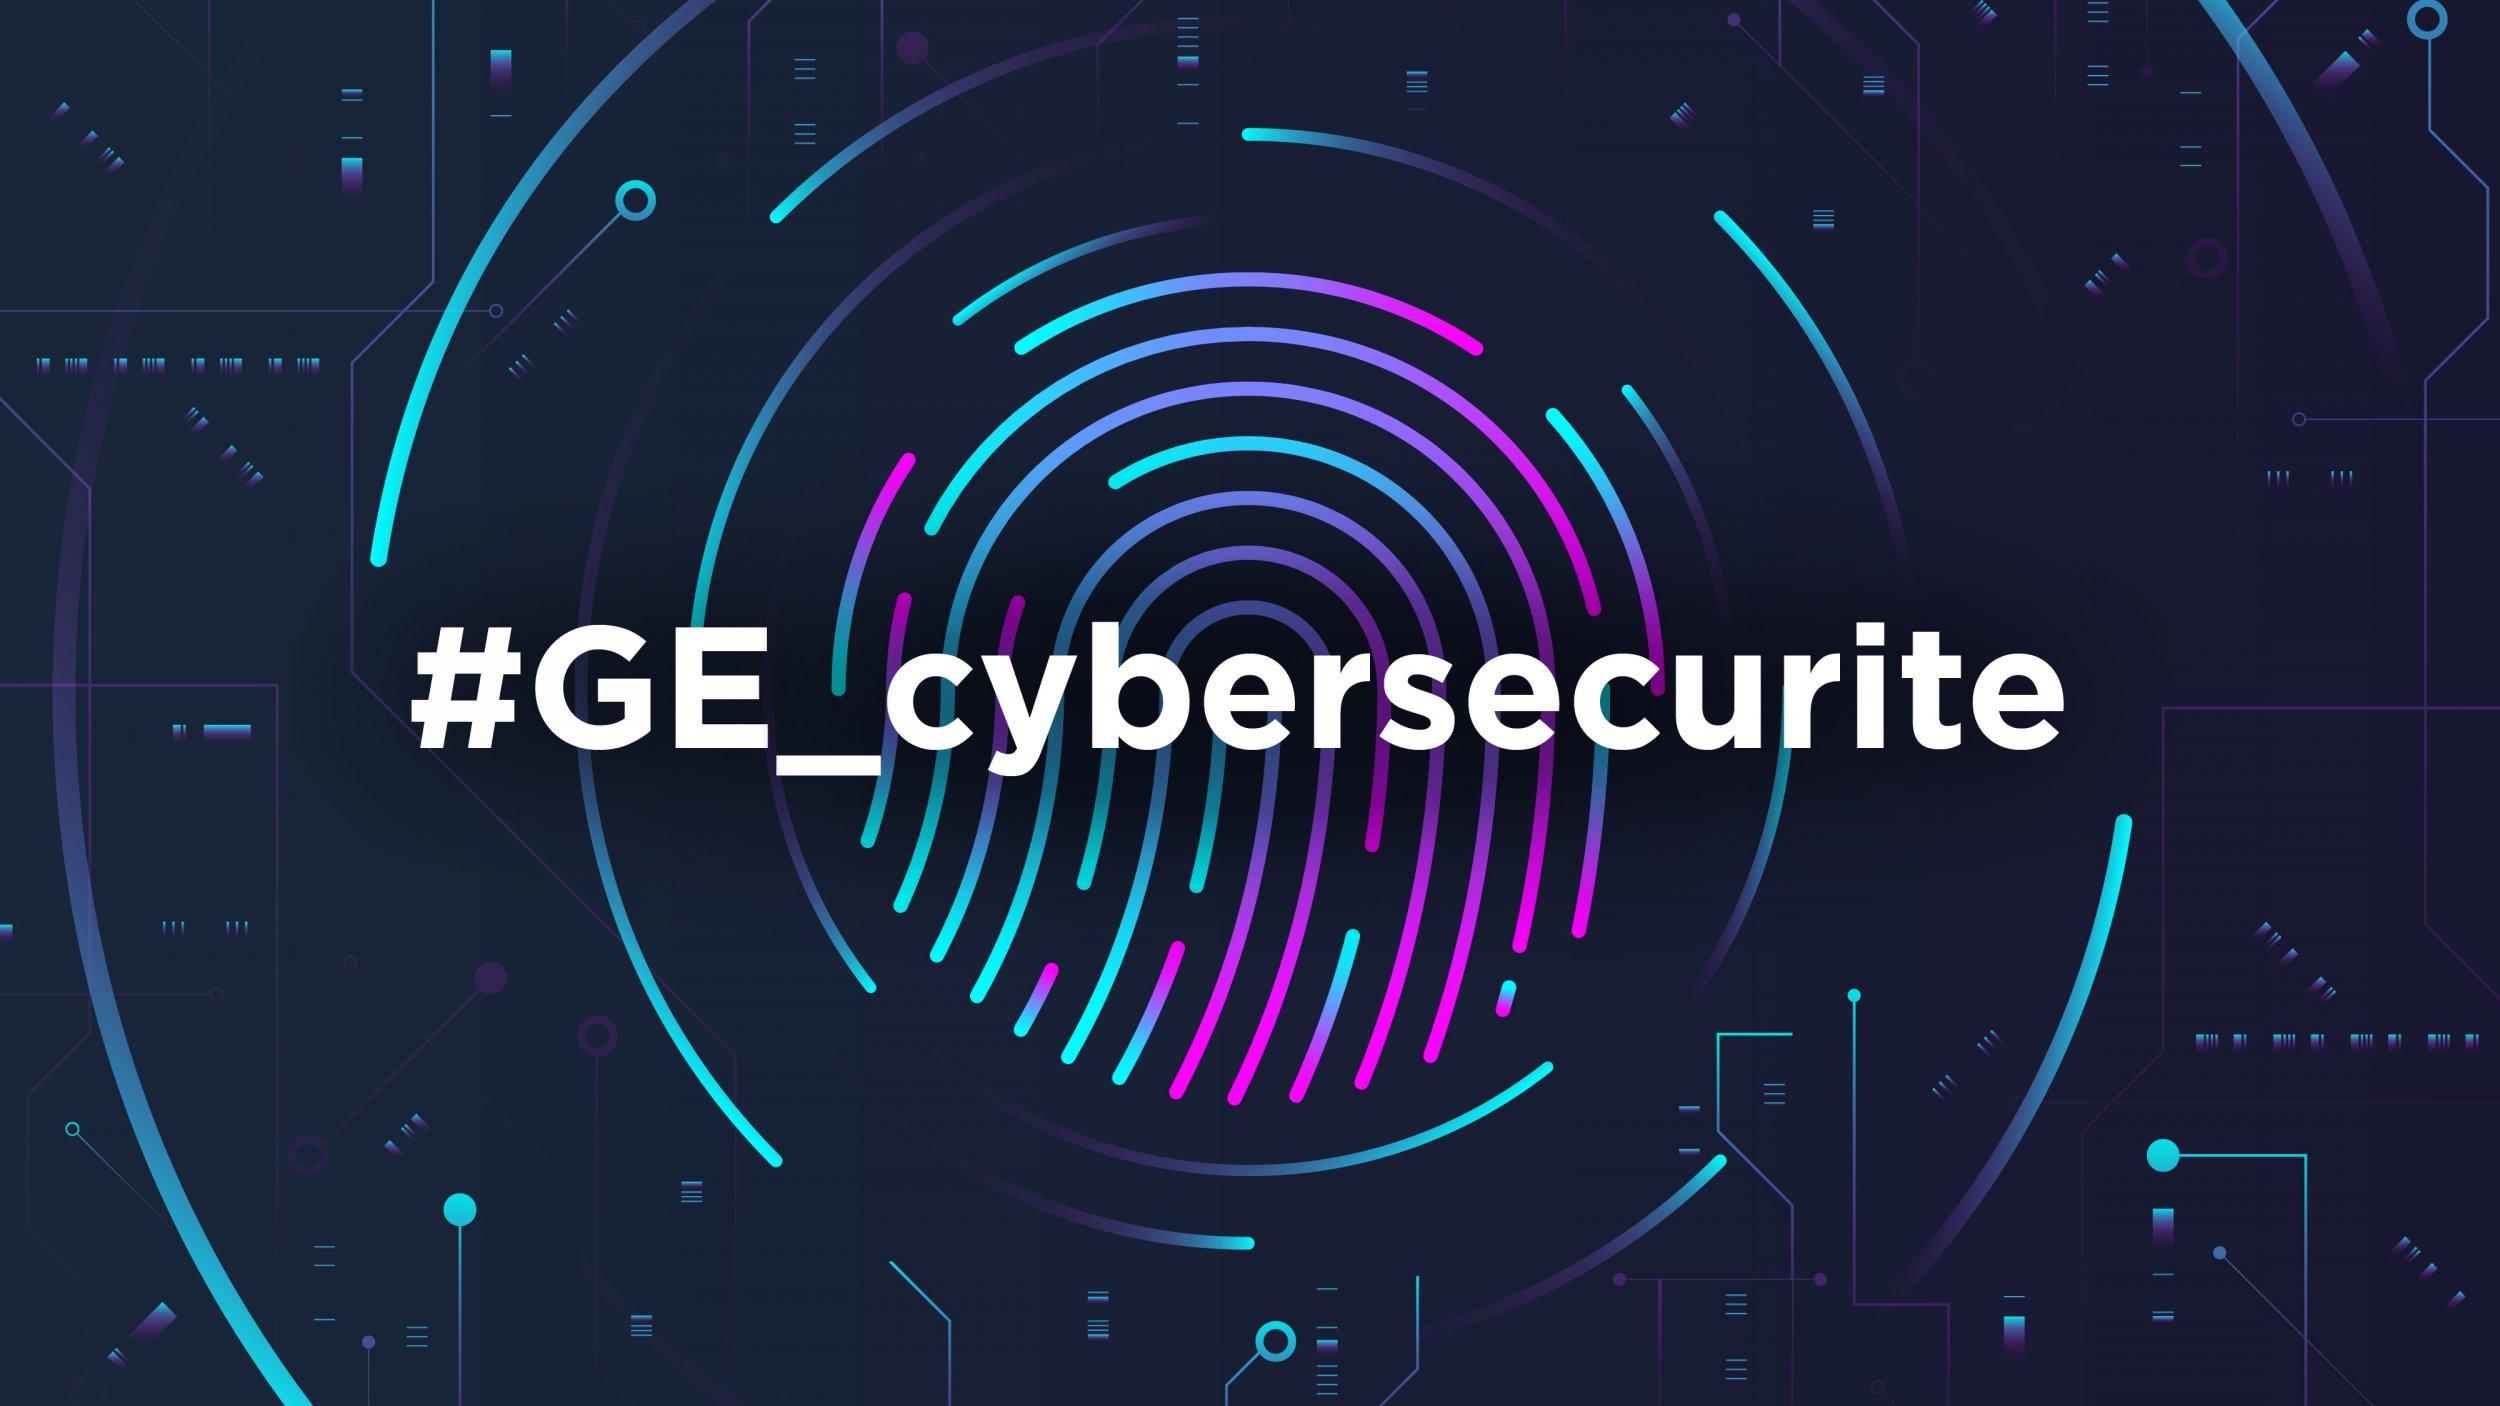 PME & cybersécurité : passons à l'action!